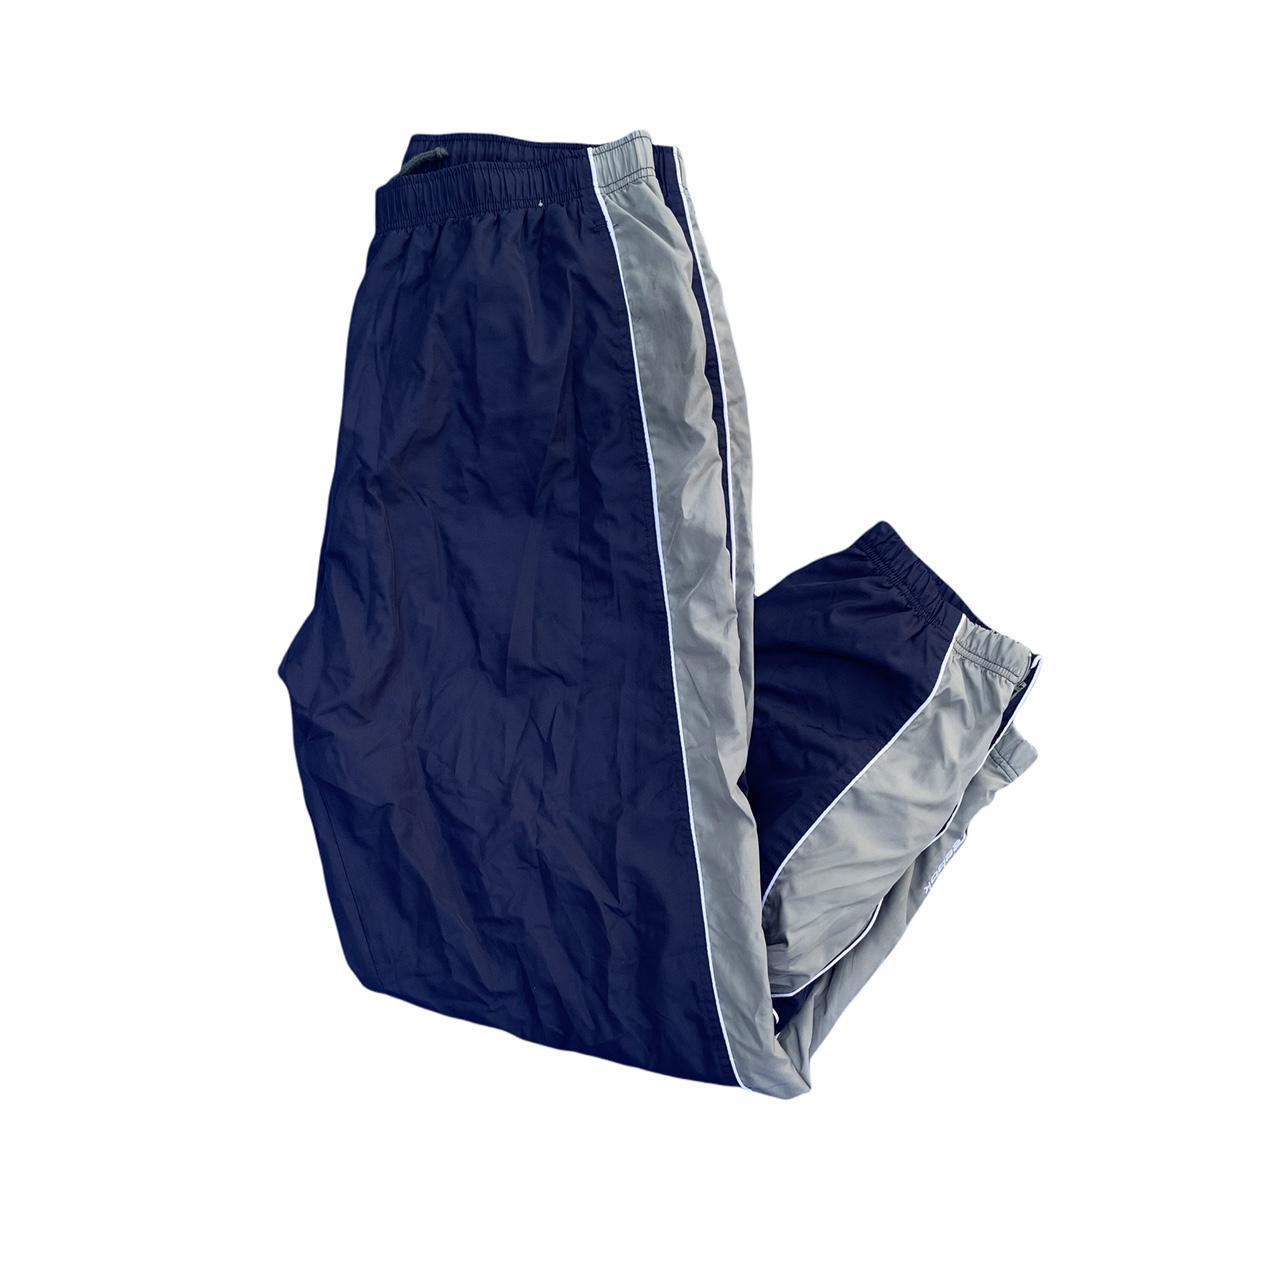 Product Image 1 - Vintage y2k Reebok navy blue